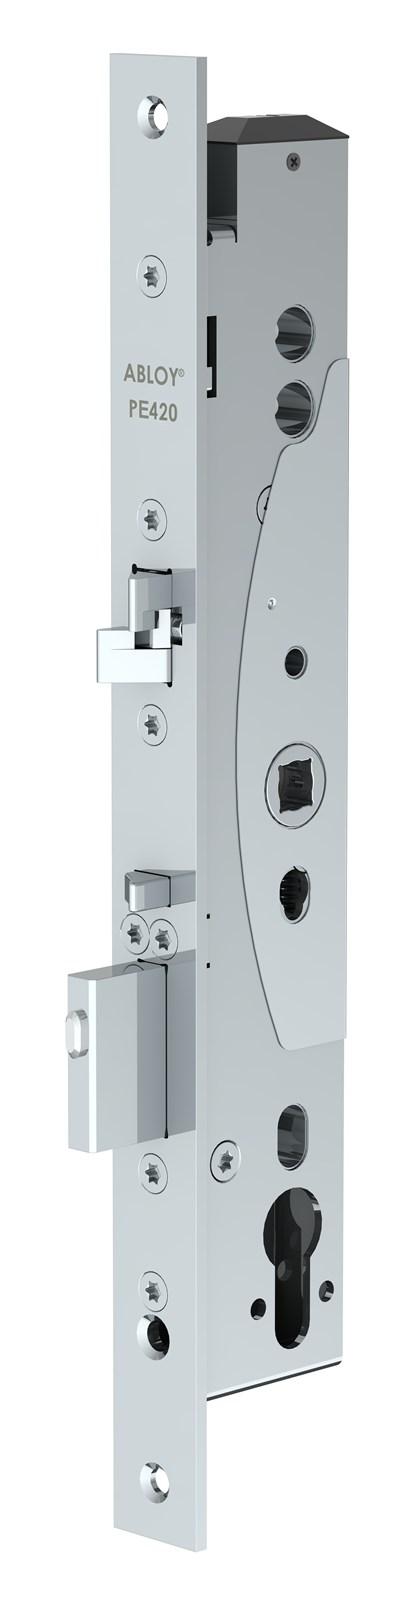 Lock case PE420